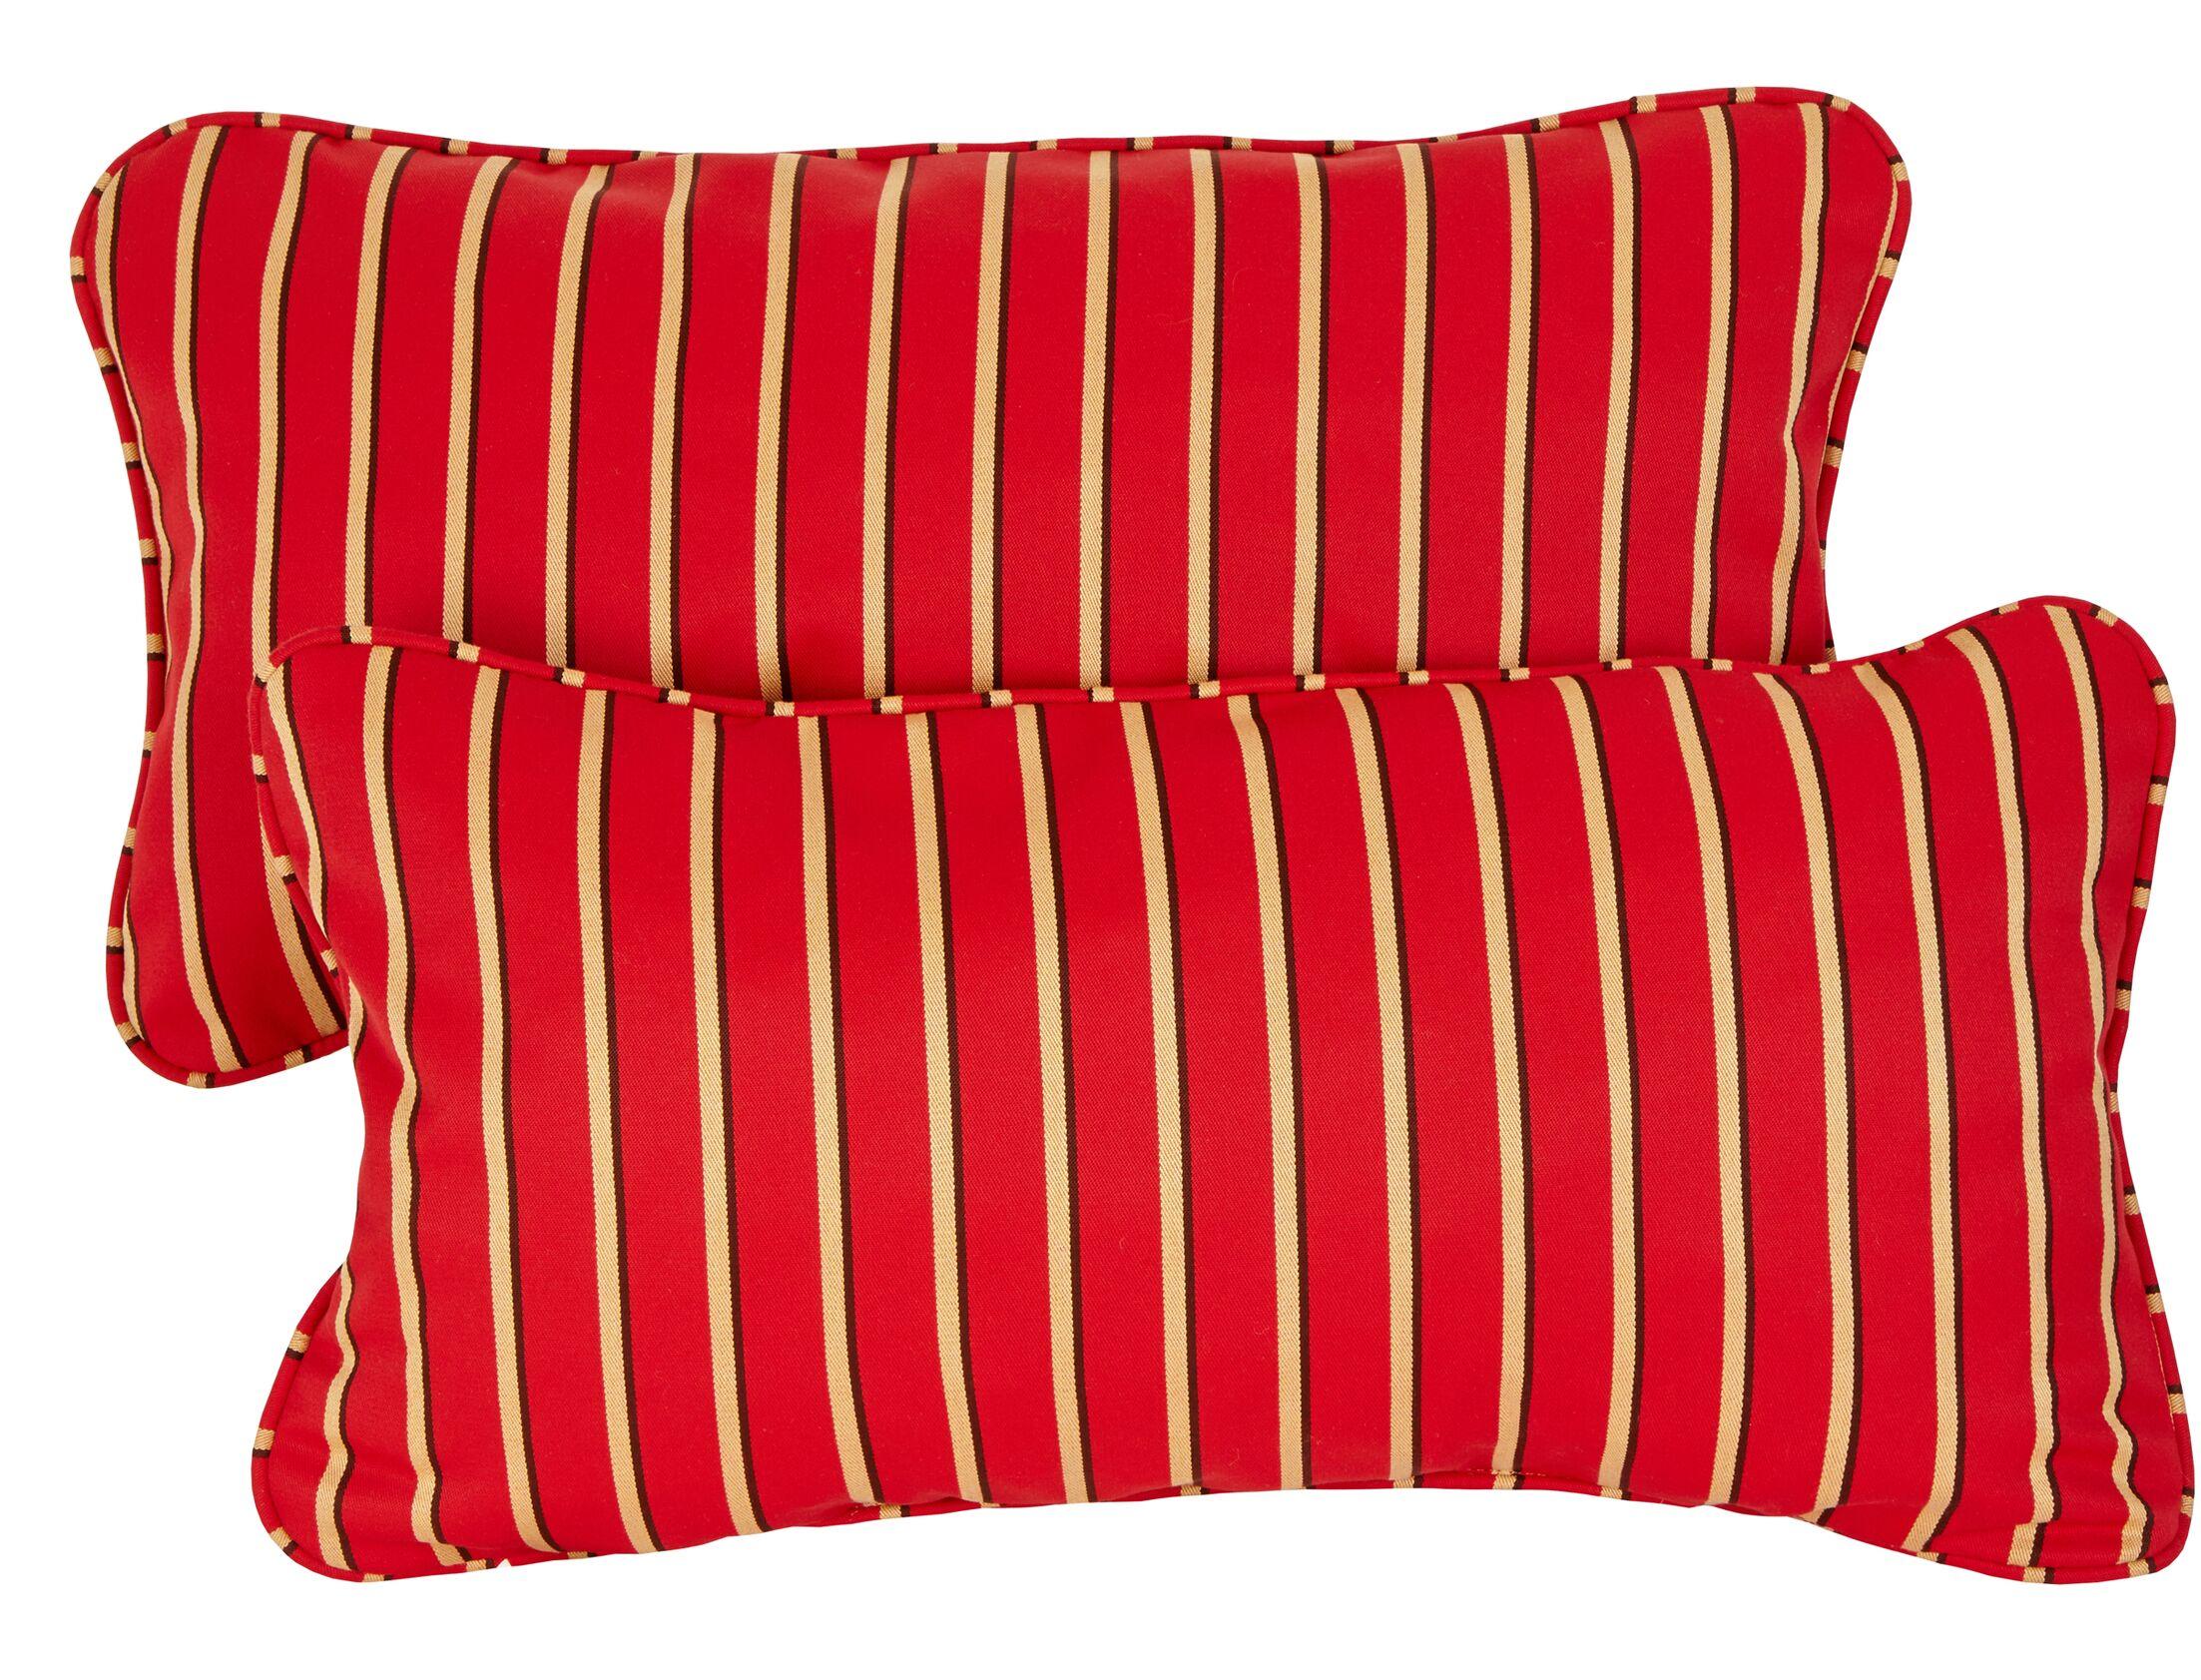 Coddington Outdoor Lumbar Pillow Size: 12